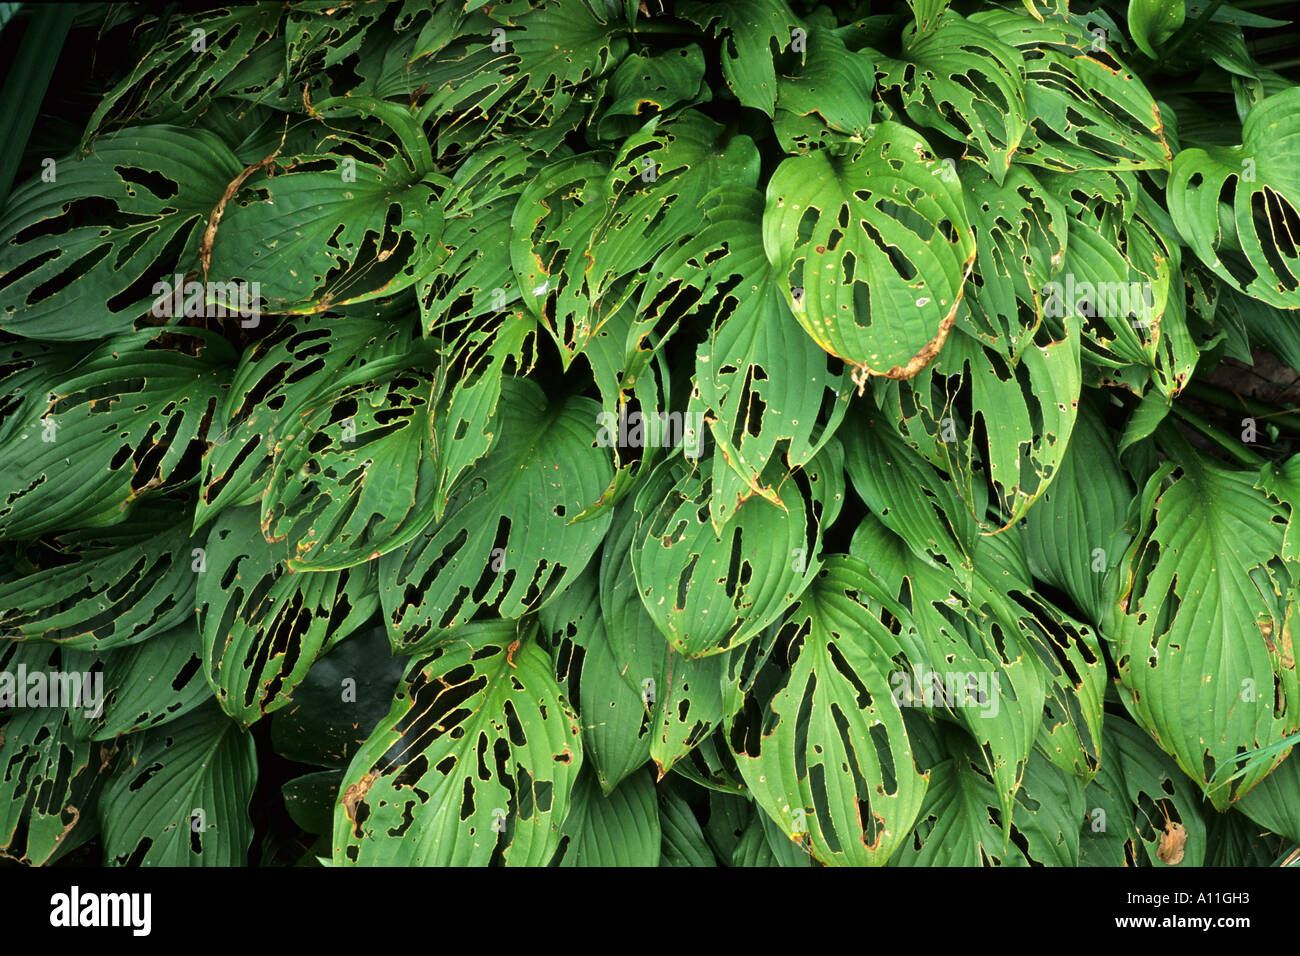 Snail Slug Damage To Hosta Leaves Garden Pests Leaf Pest Stock